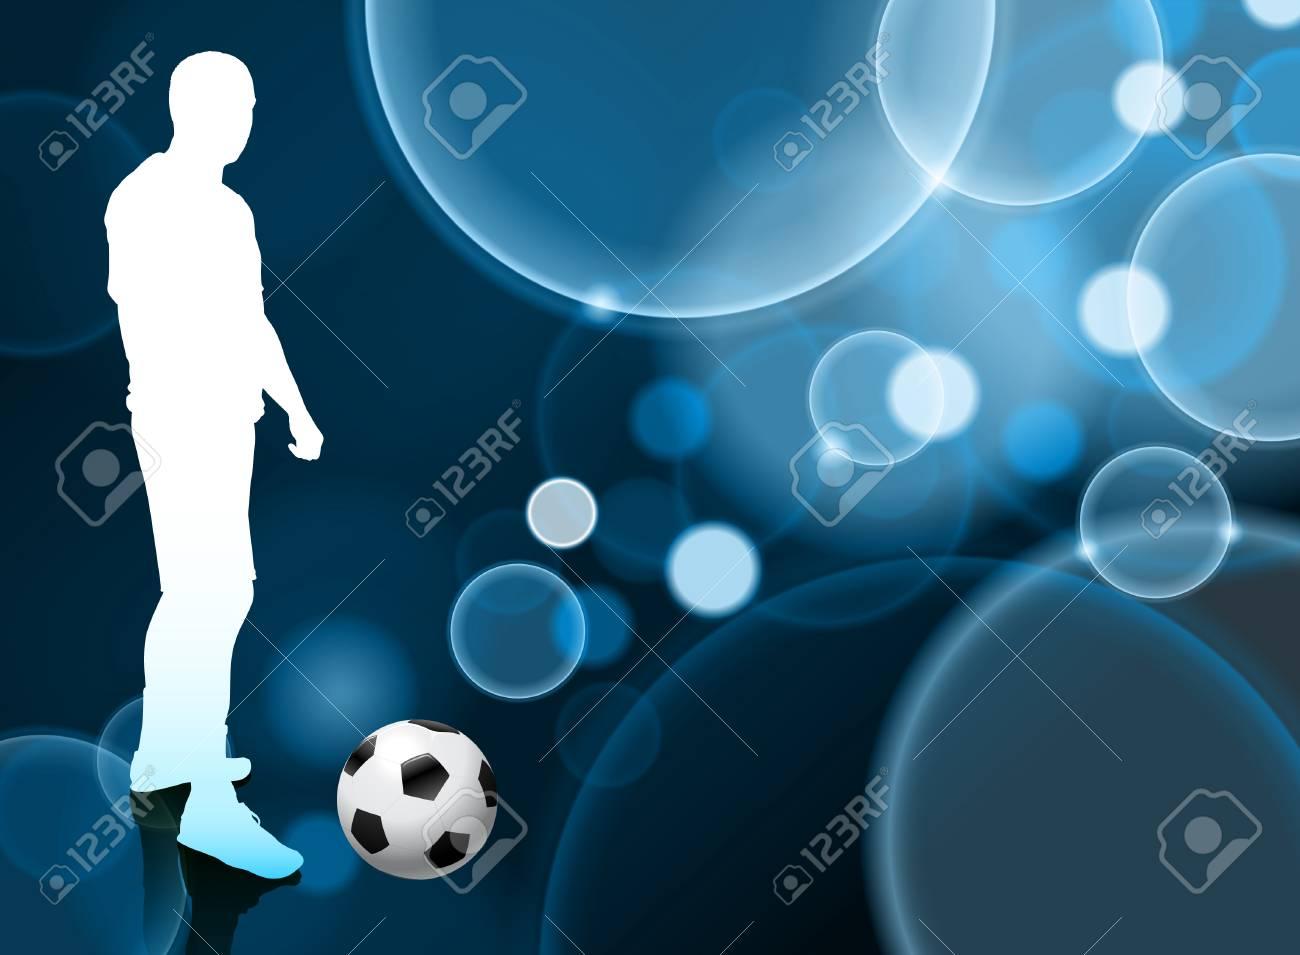 Vettoriale Giocatore Di Calcio Su Sfondo Blu Bolla Illustrazione